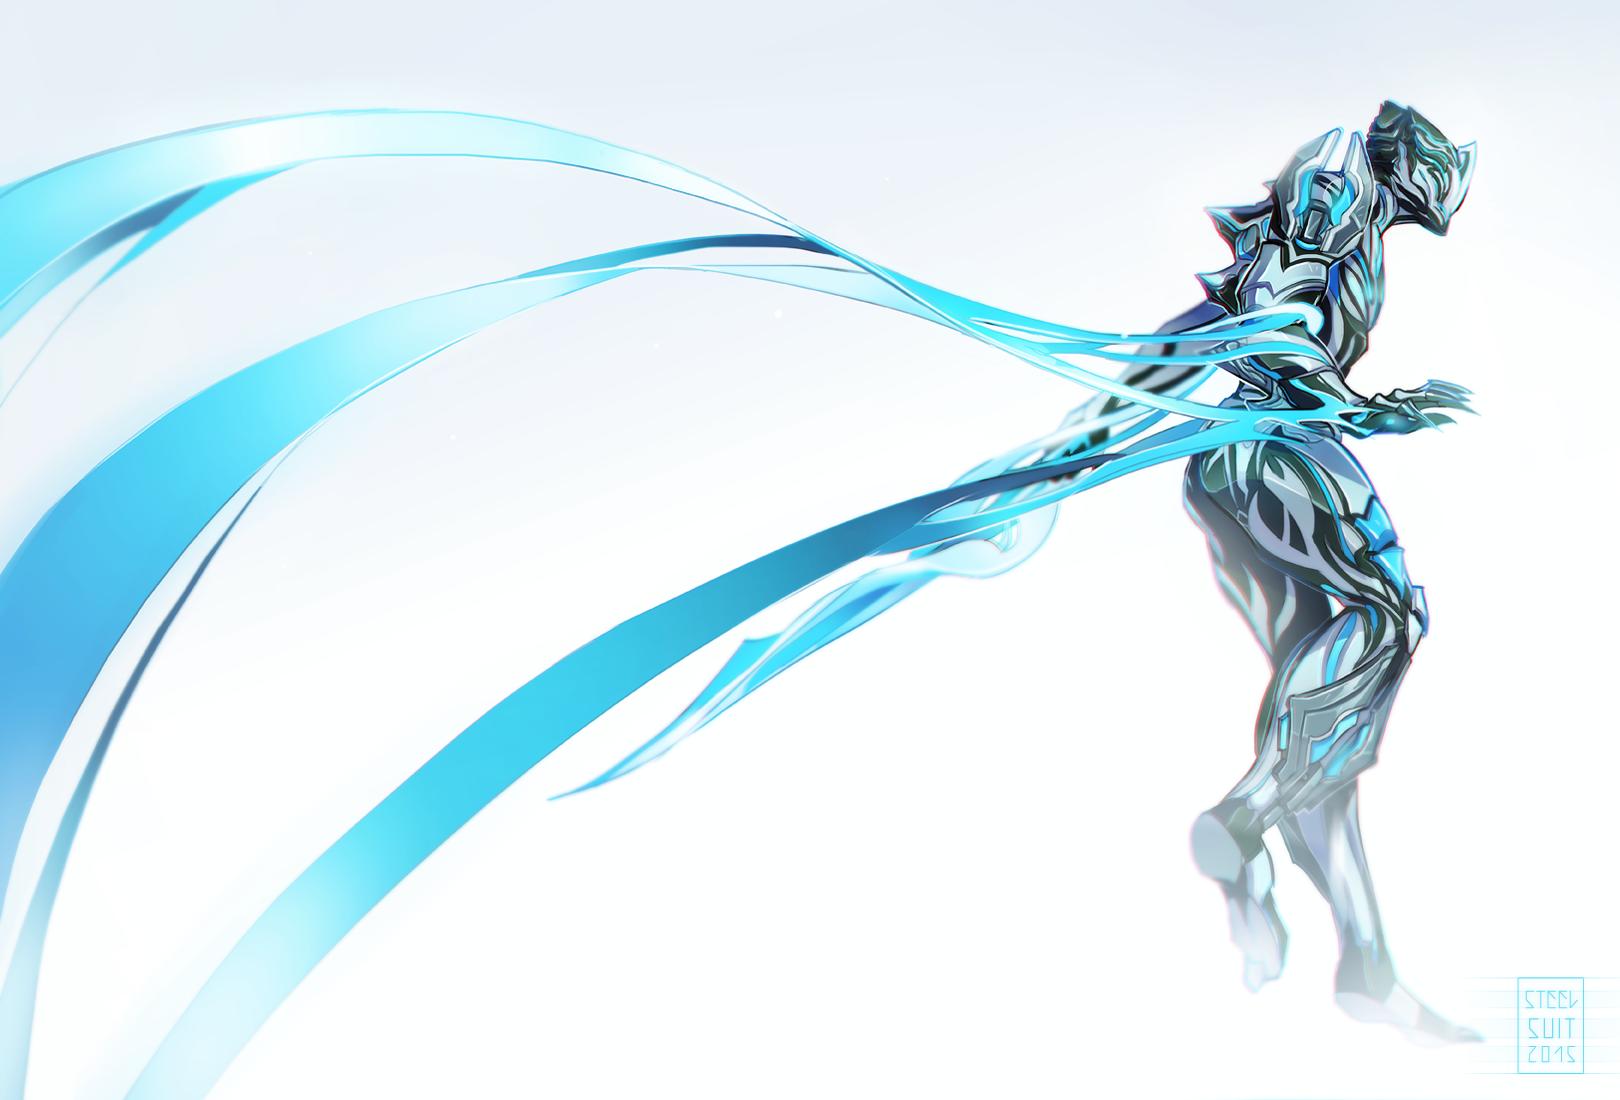 Energy sword by steelsuit